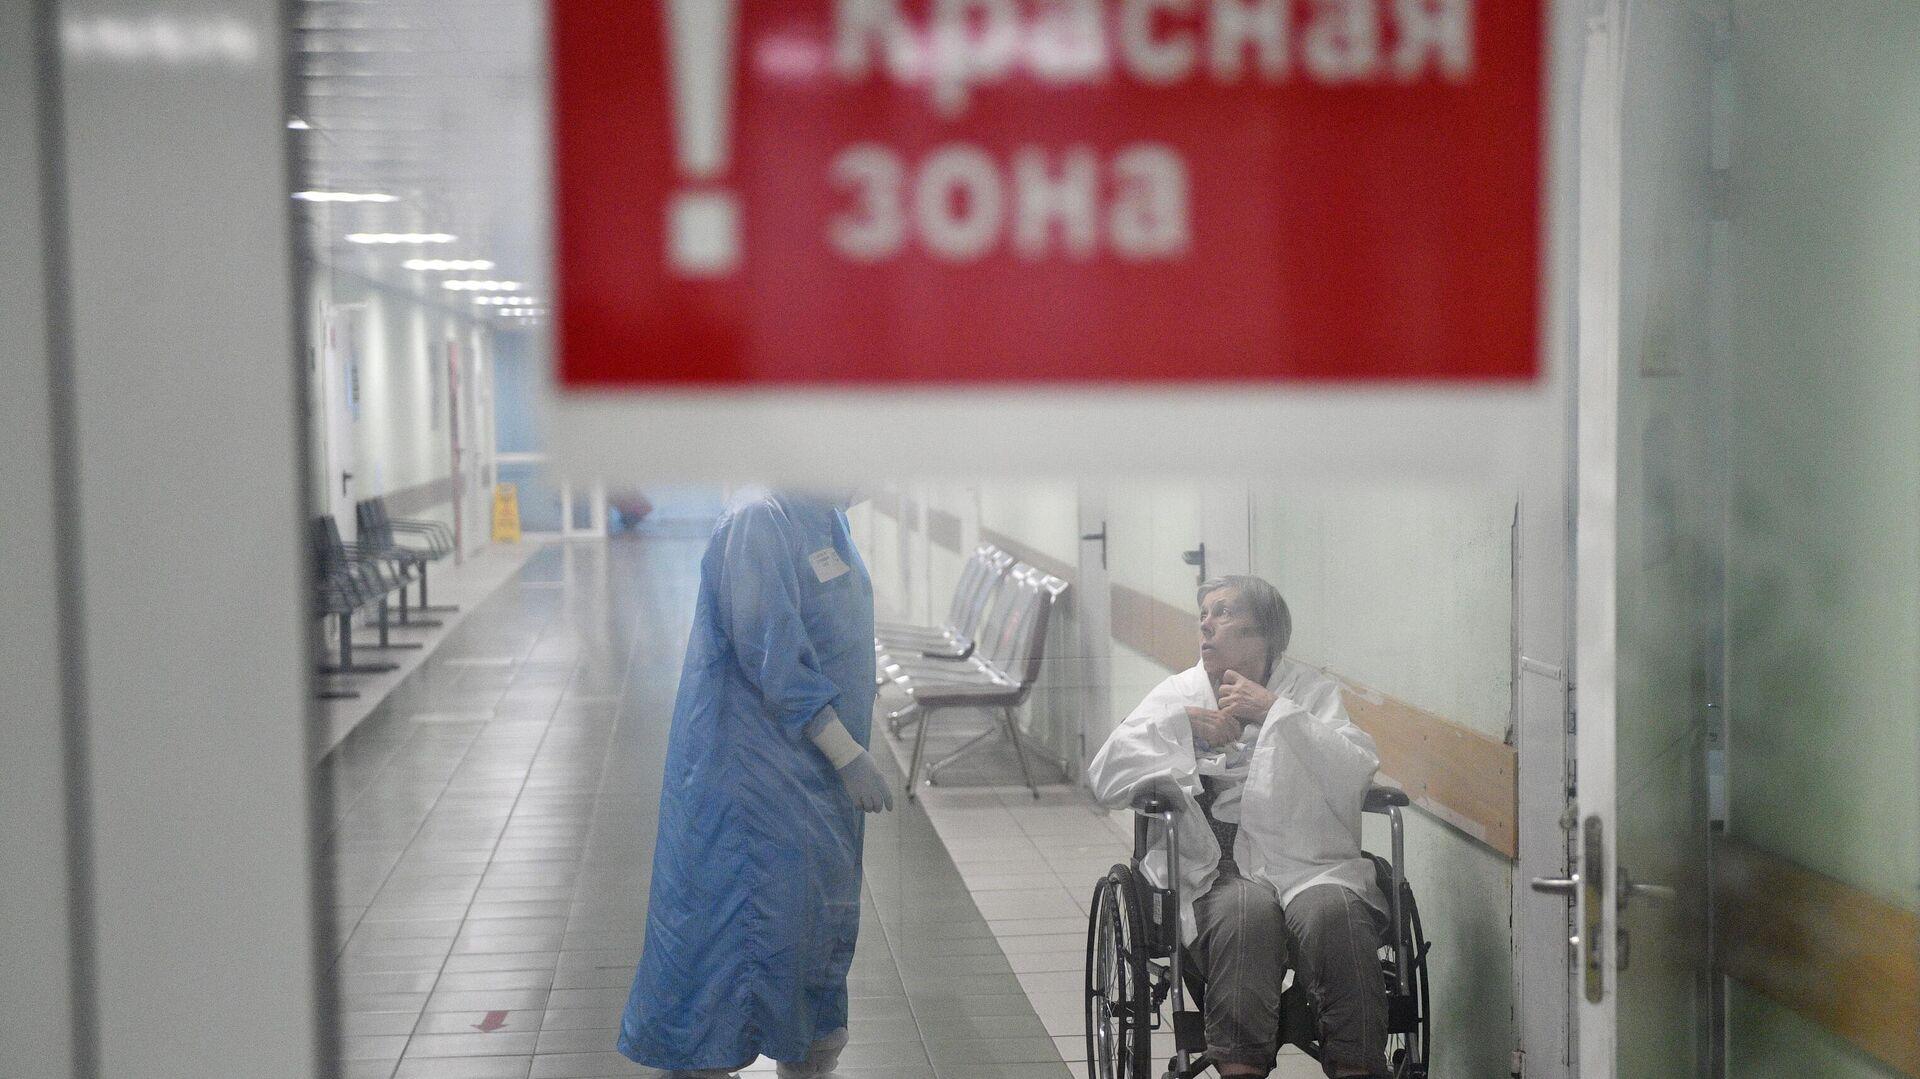 Медицинский работник и пациент в красной зоне ковид-госпиталя, организованного в городской клинической больнице №15 имени О. М. Филатова в Москве - РИА Новости, 1920, 12.11.2020